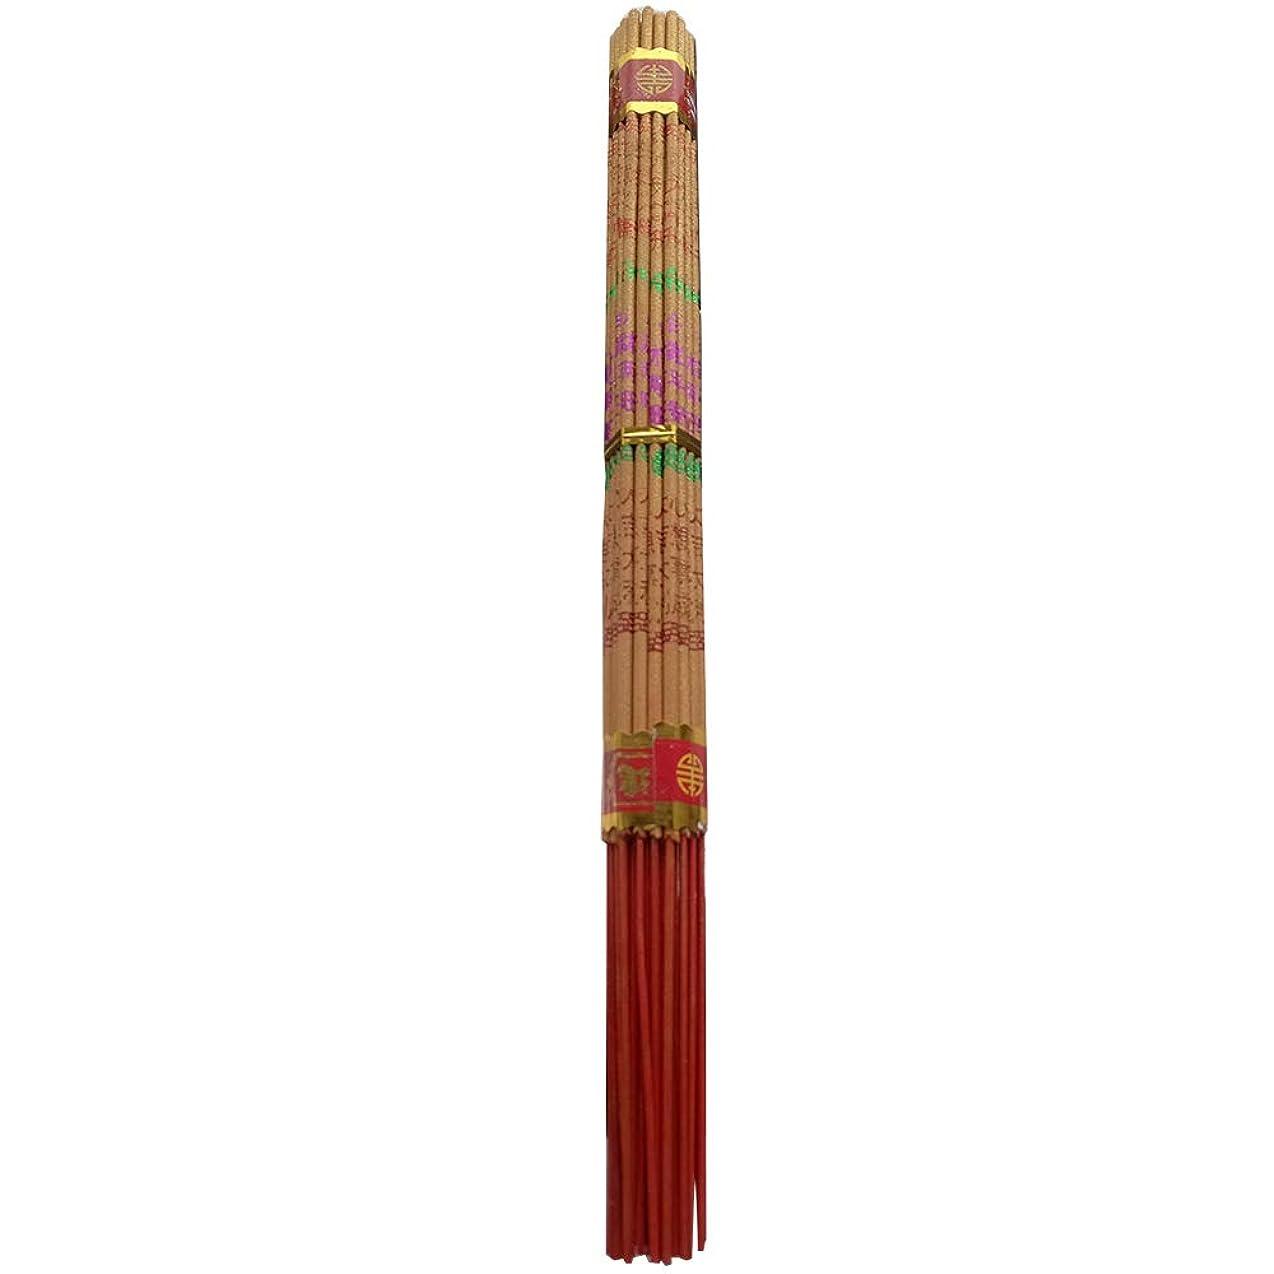 マイクロプロセッサ確かに覚えているzeestar Incense/中国香お香Long Burning Buddhist 10.2インチ?–?38?Sticks